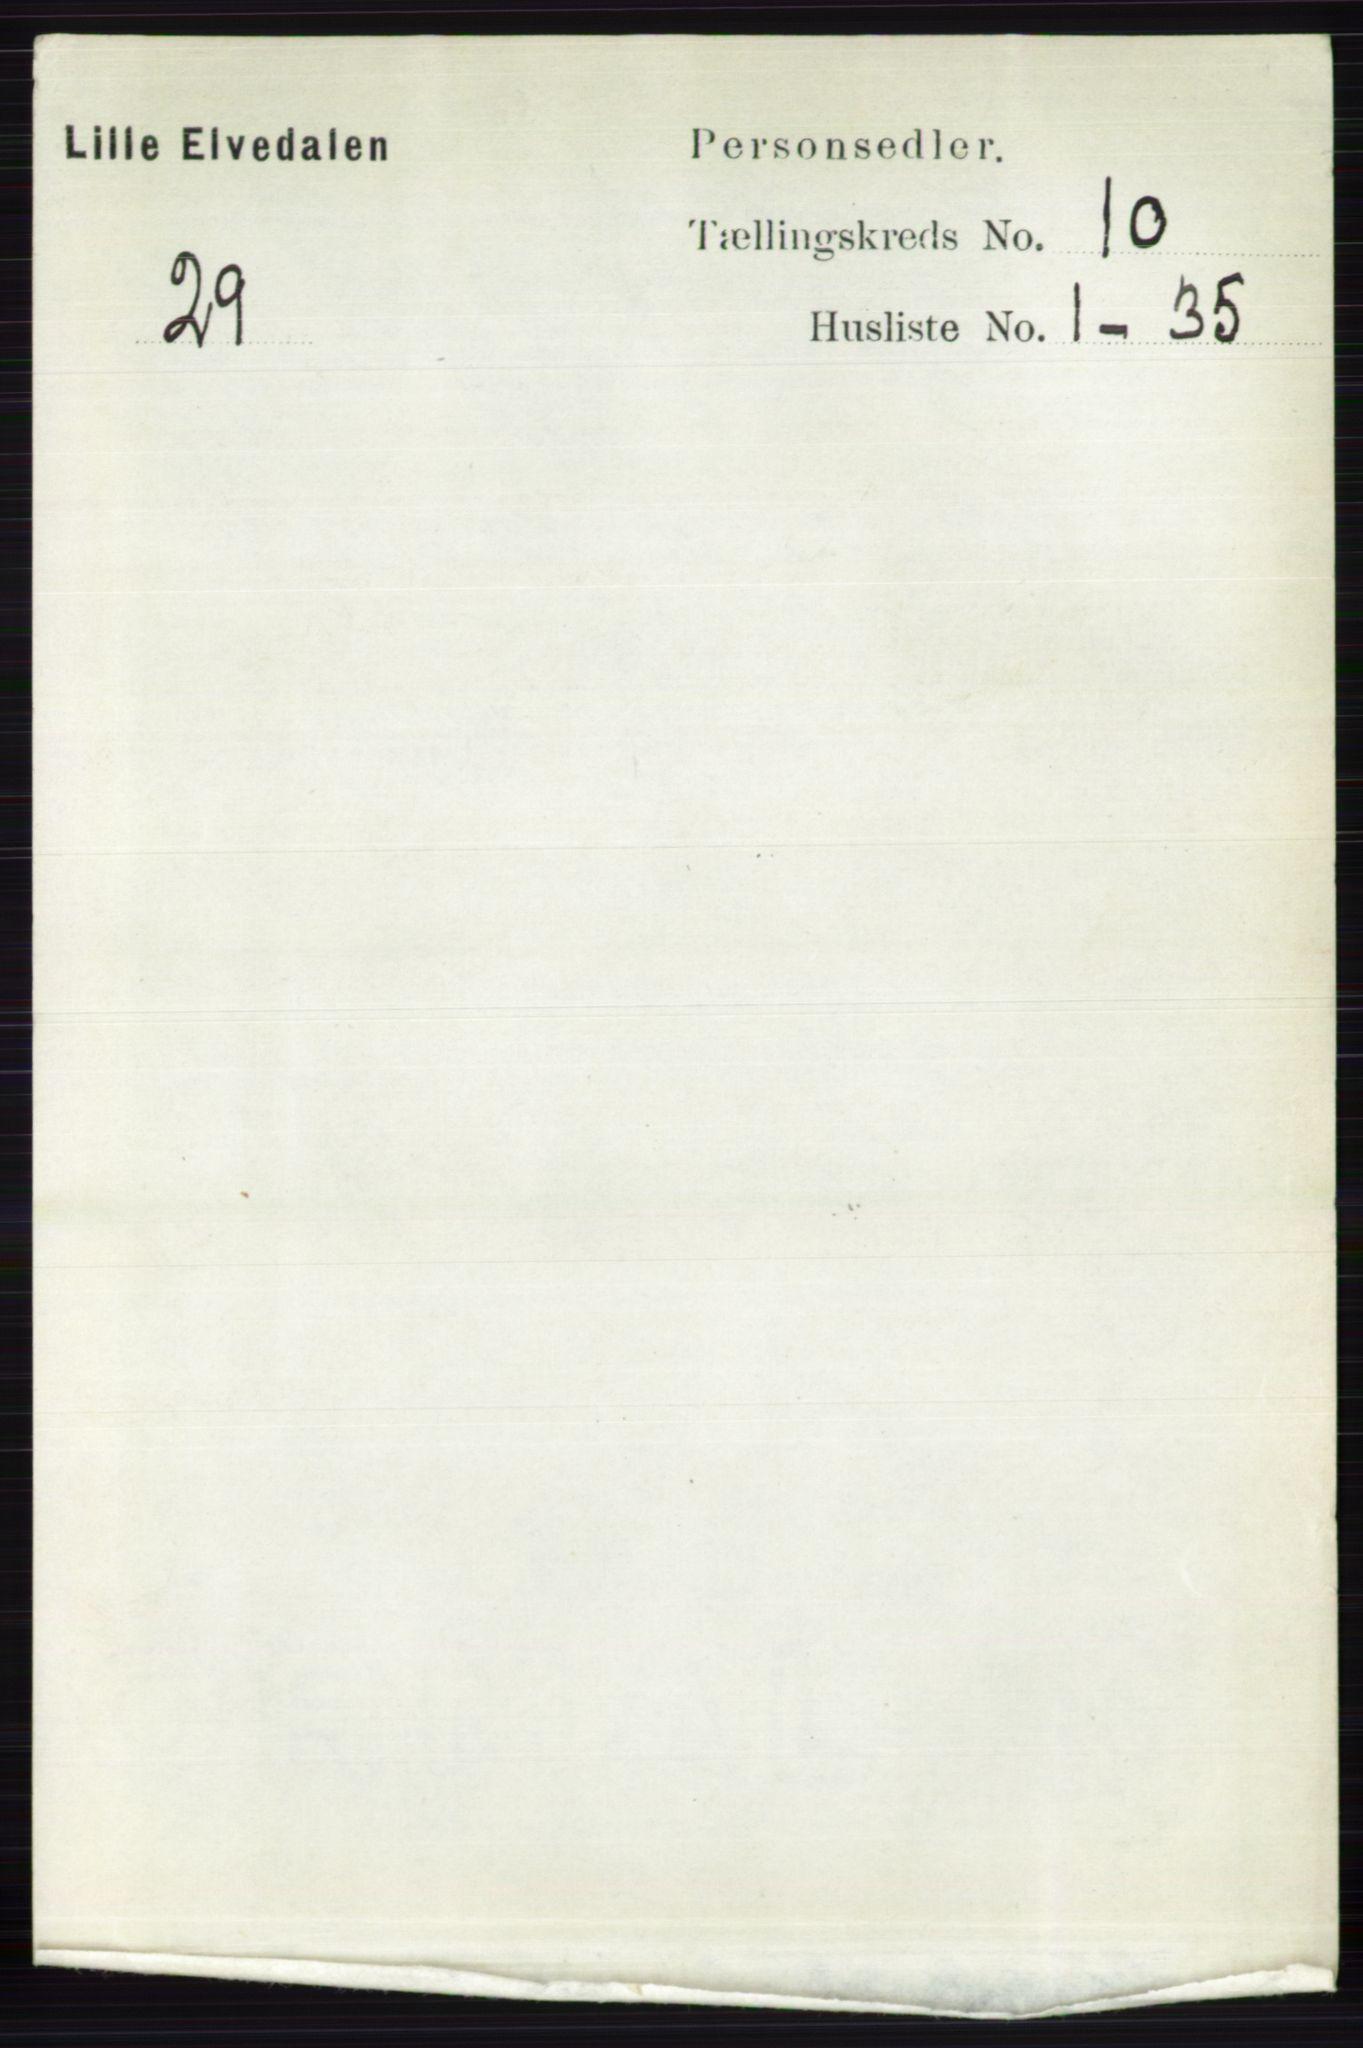 RA, Folketelling 1891 for 0438 Lille Elvedalen herred, 1891, s. 3420